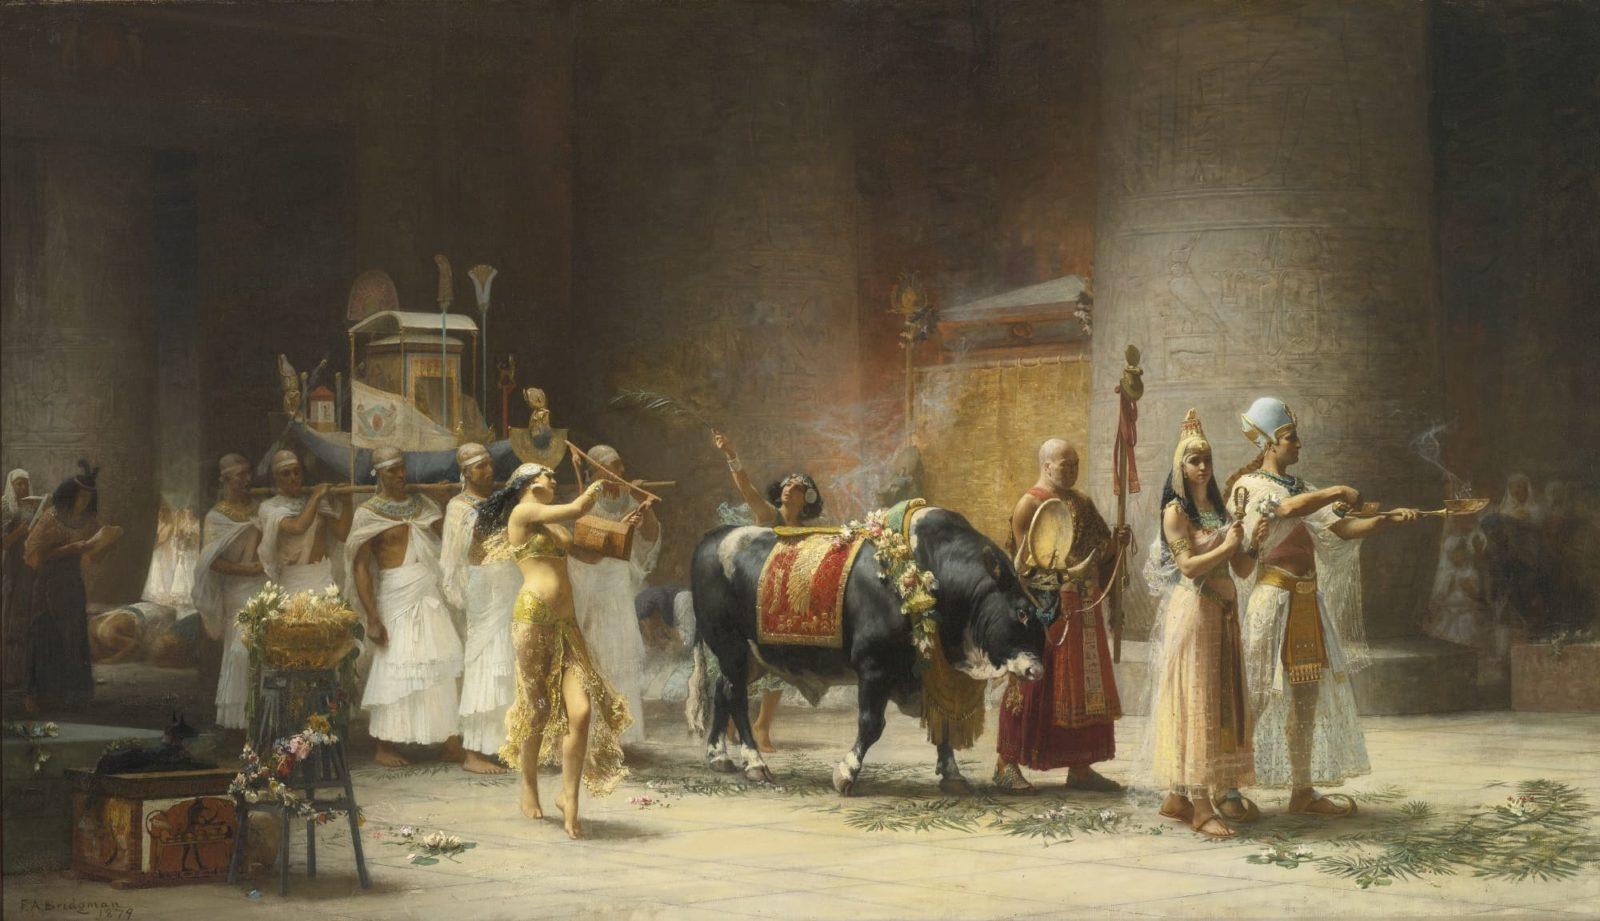 Художник Frederick Arthur Bridgman (1847 – 1928). Волнующие тайны Каира и Алжира